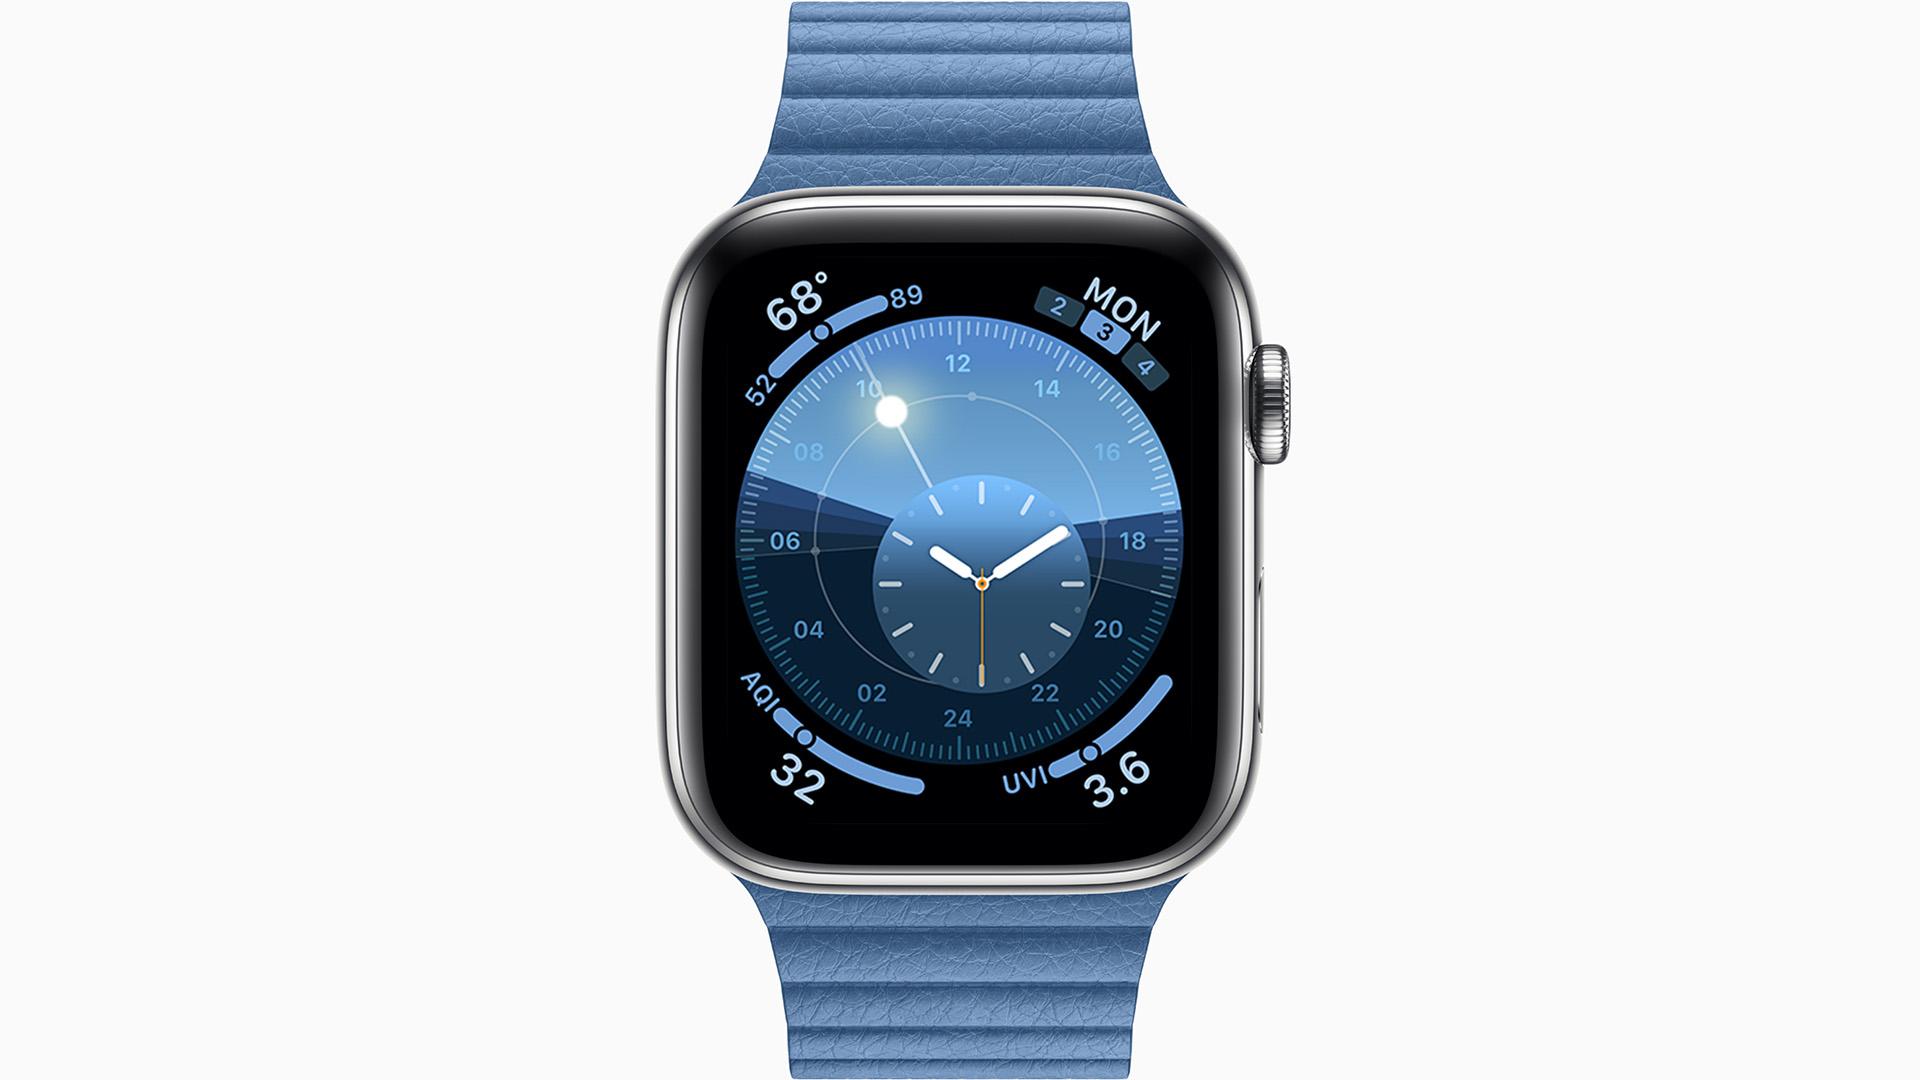 Apple Watch mohou v budoucnu nabídnout Touch ID